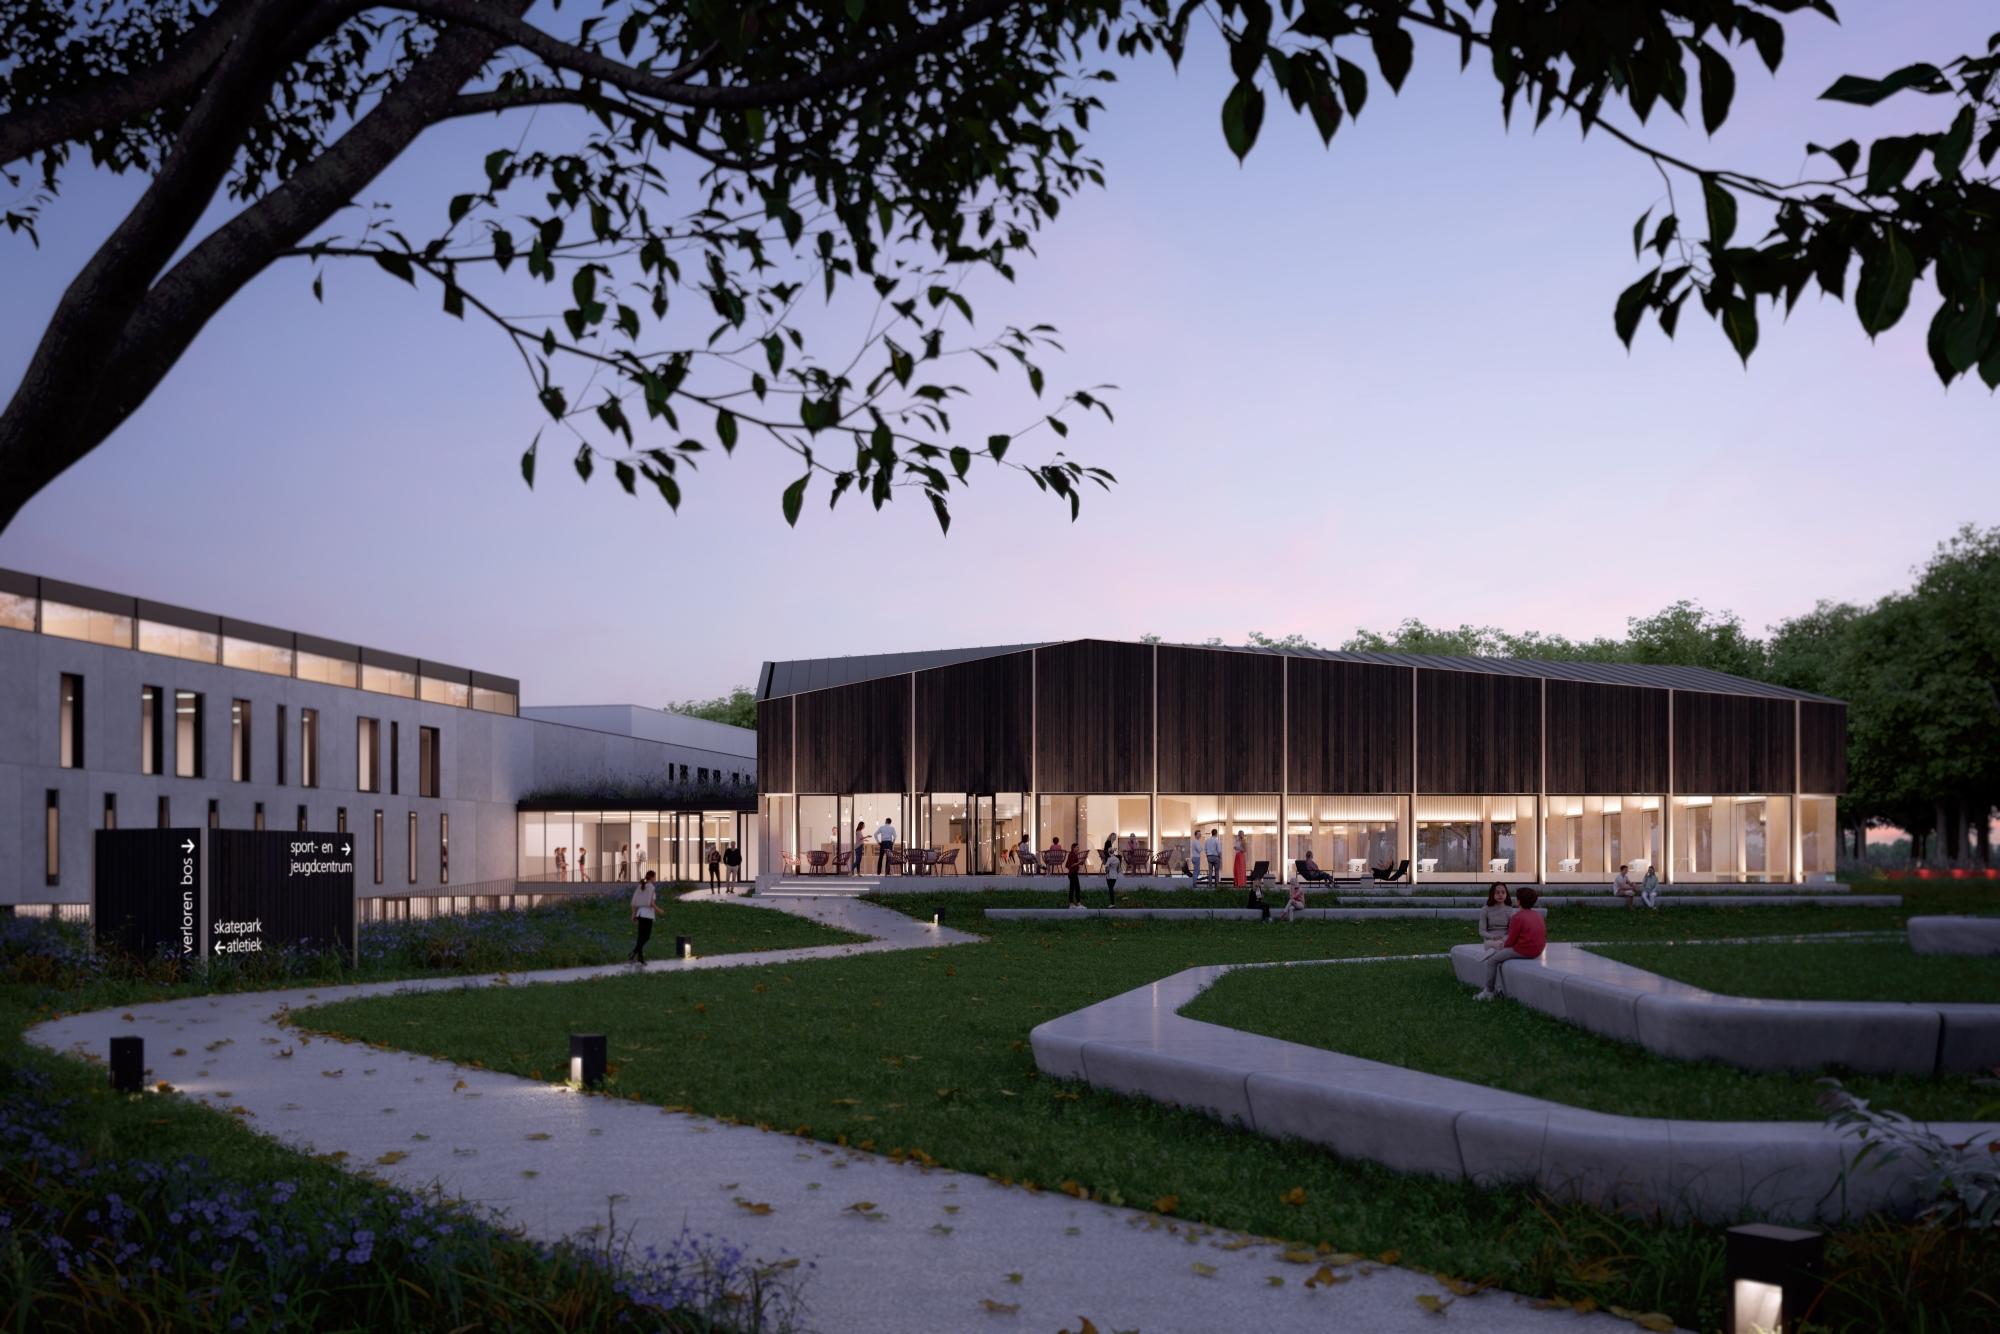 webB2Ai   Zwembad Lokeren   2020 10 28   Beeld 01   Park   algemeen